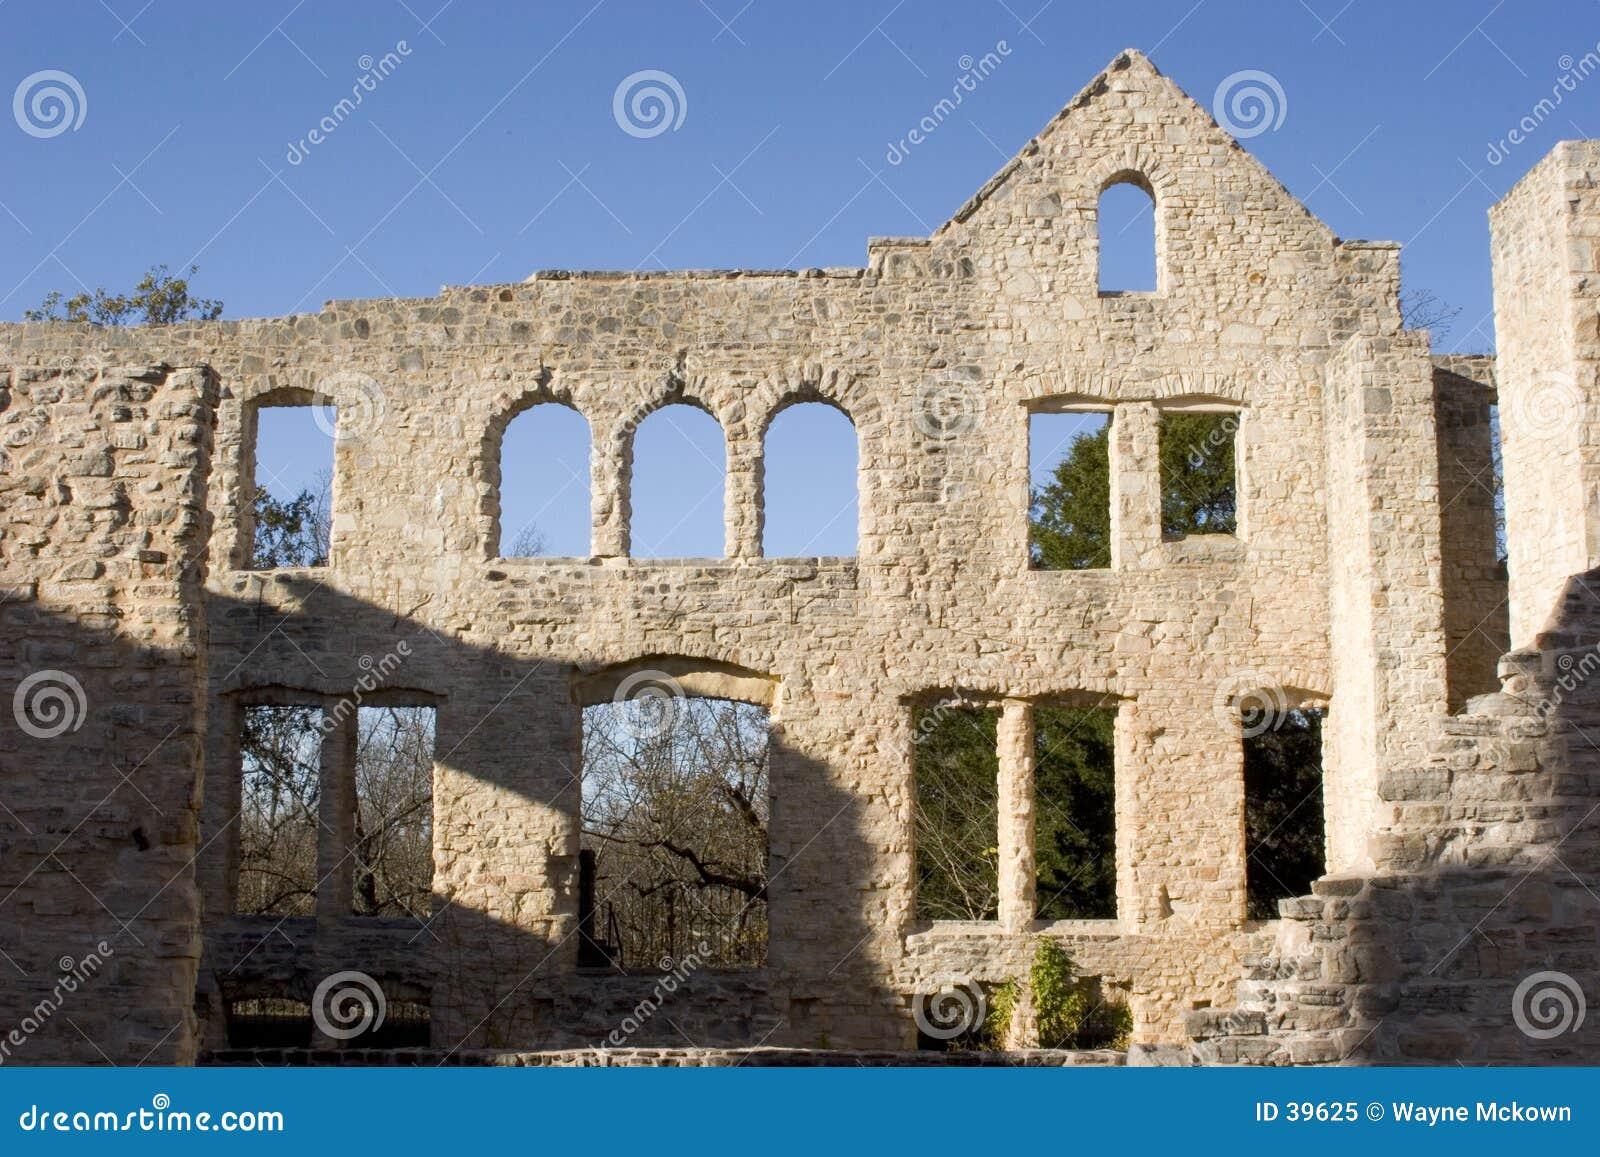 Wand mit vielen Fenstern.